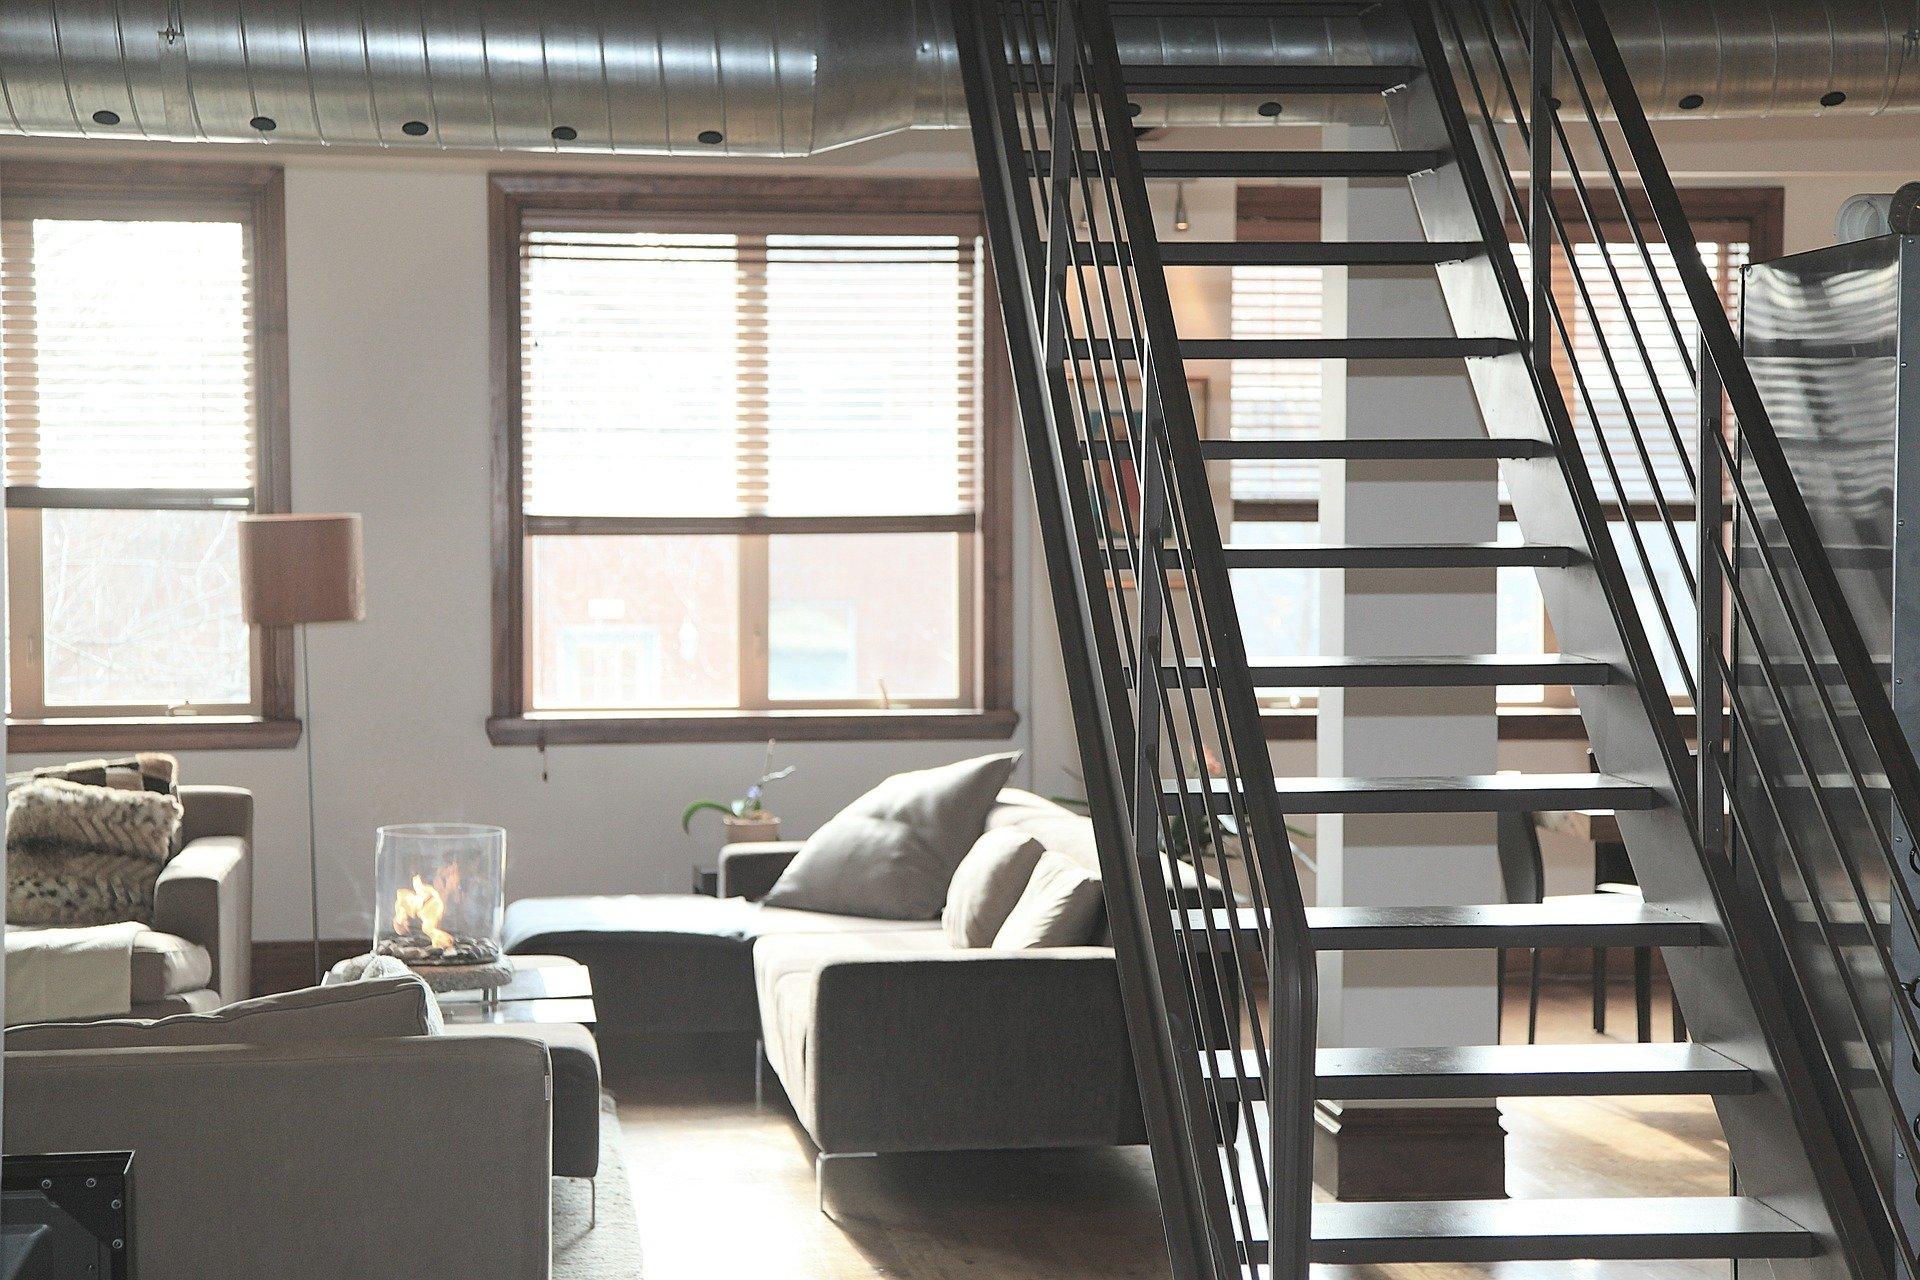 Lejlighed med trapper